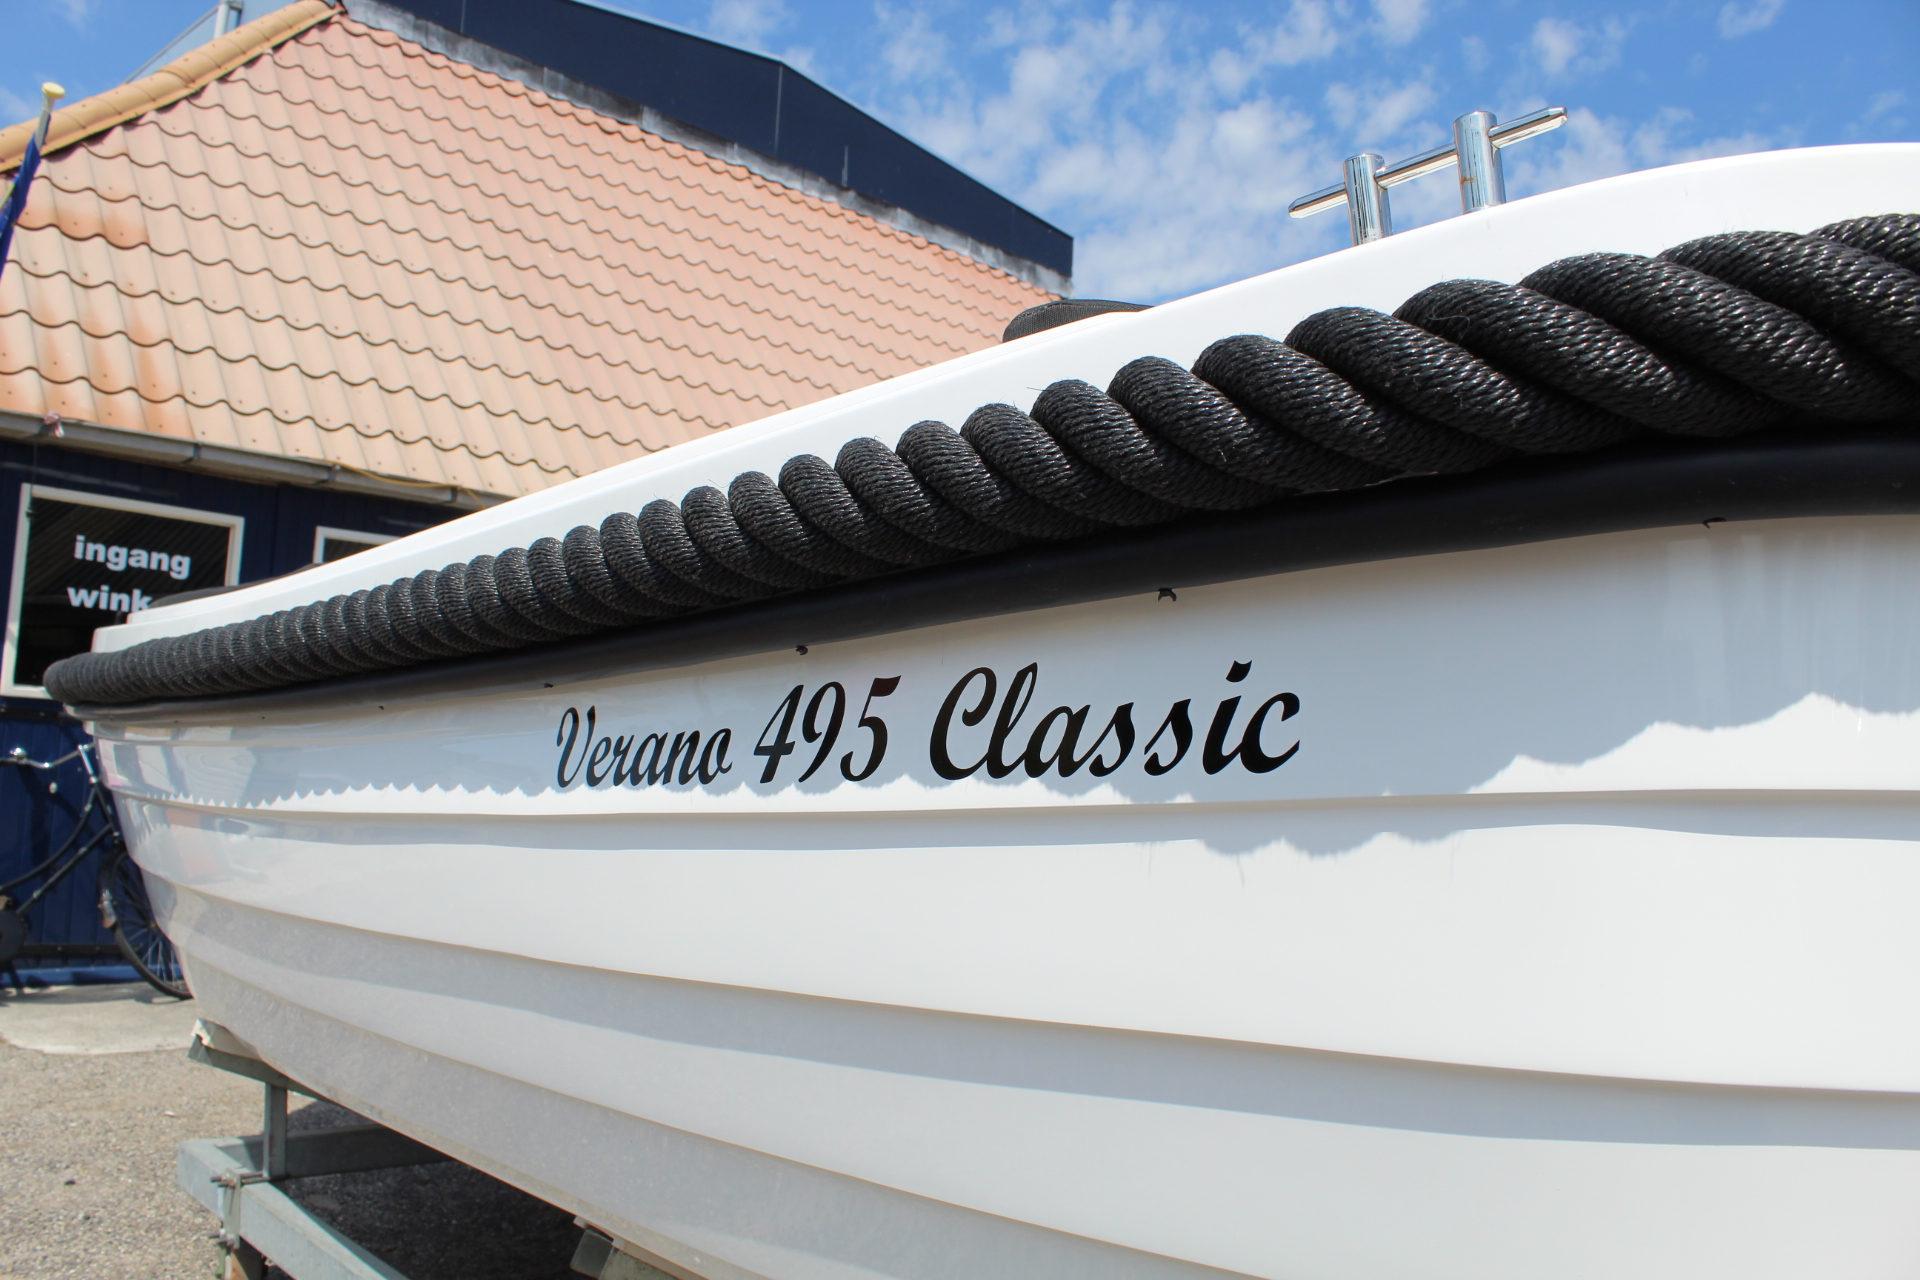 Verano 495 Classic